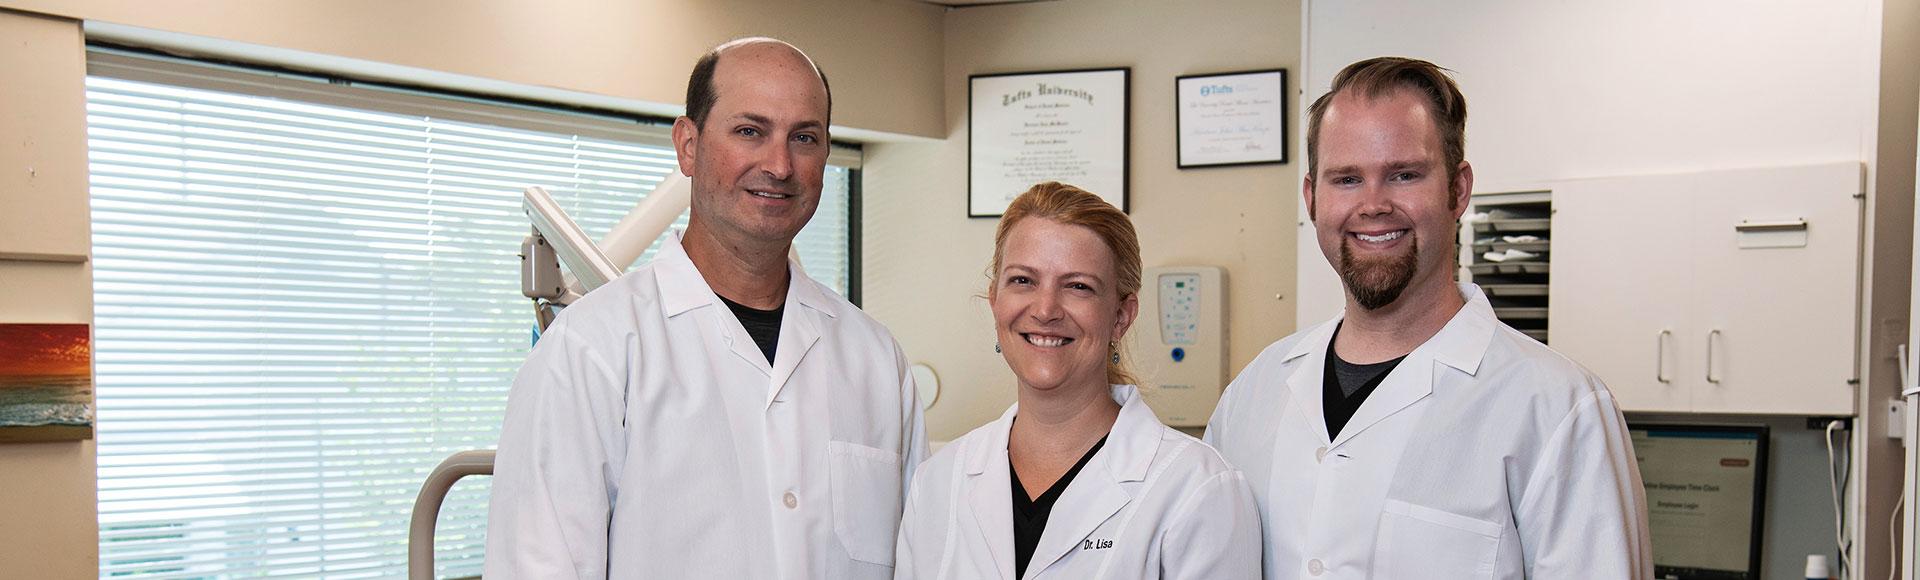 Dr Winkler, Dr Hipl, Dr MacKenzie, Franklin Dental Associates